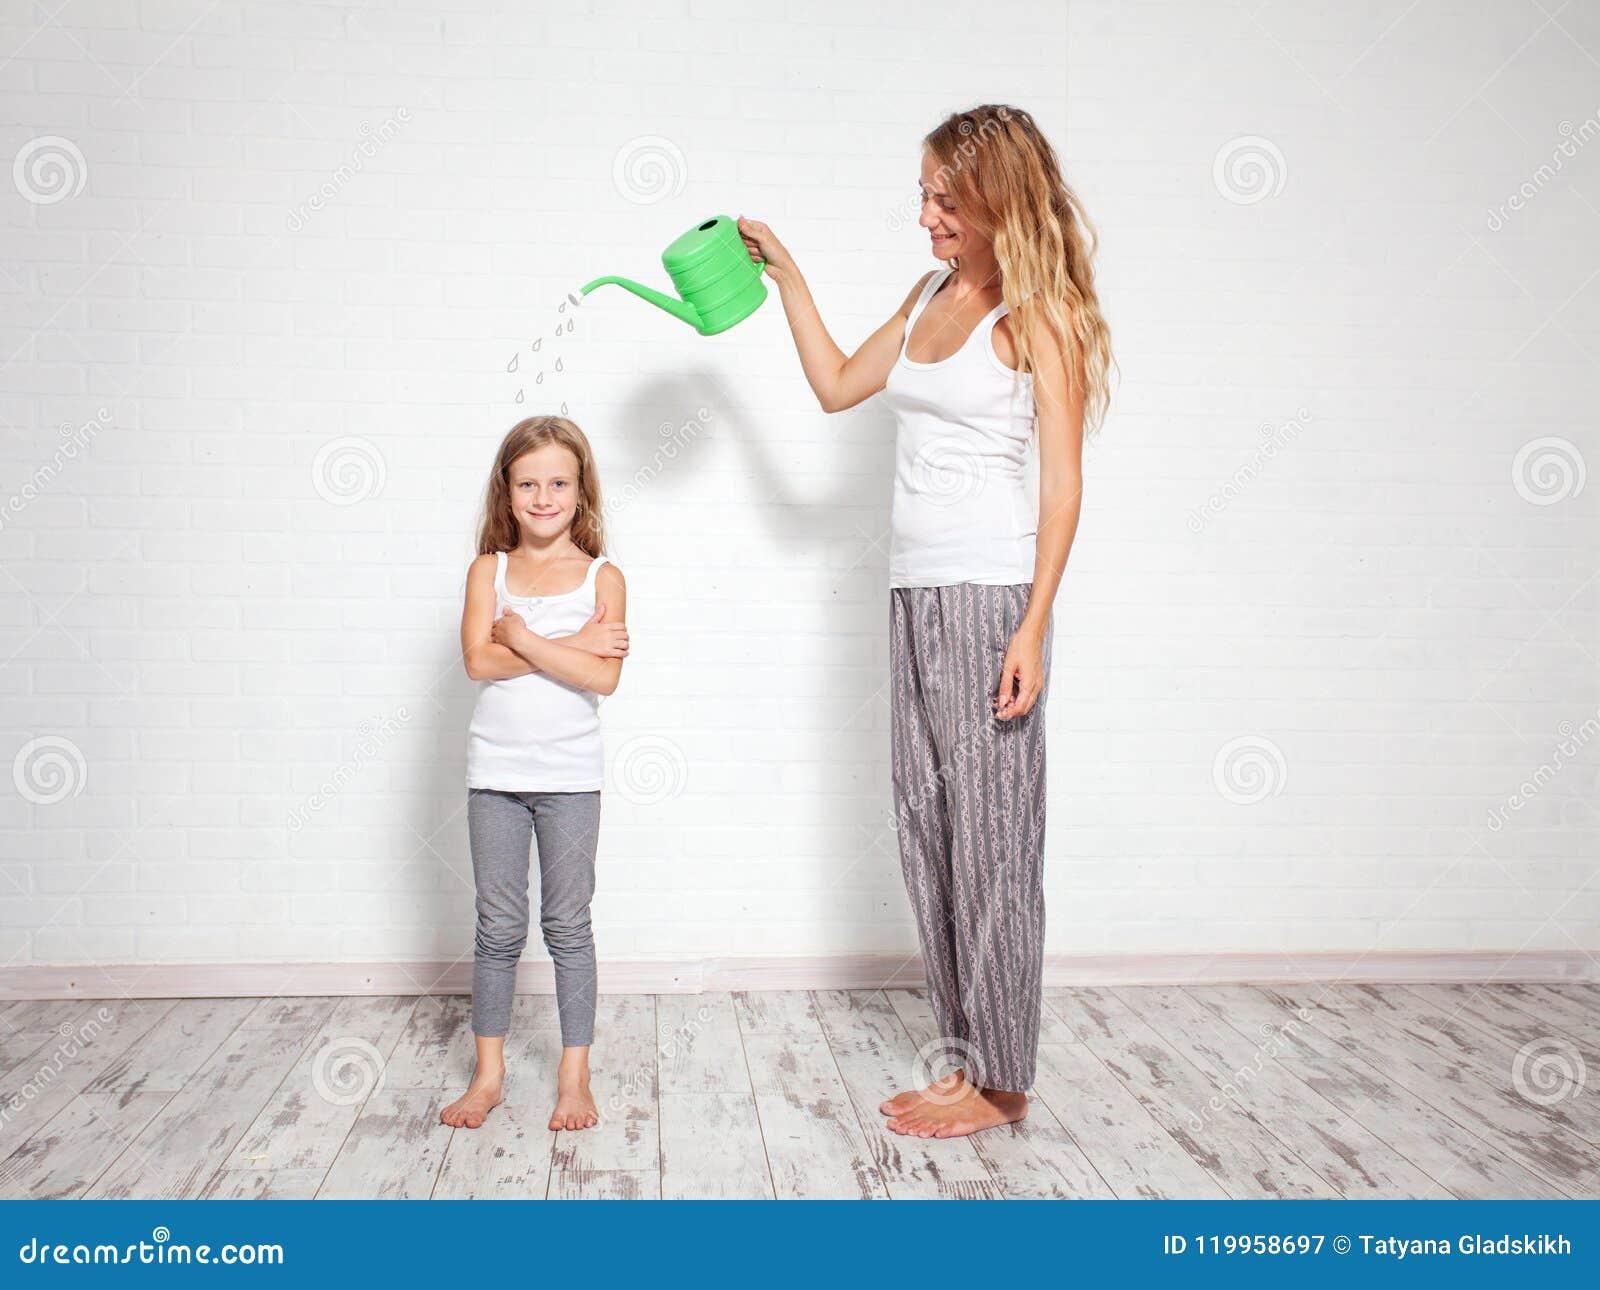 Download Upbringing child. Family stock image. Image of female - 119958697